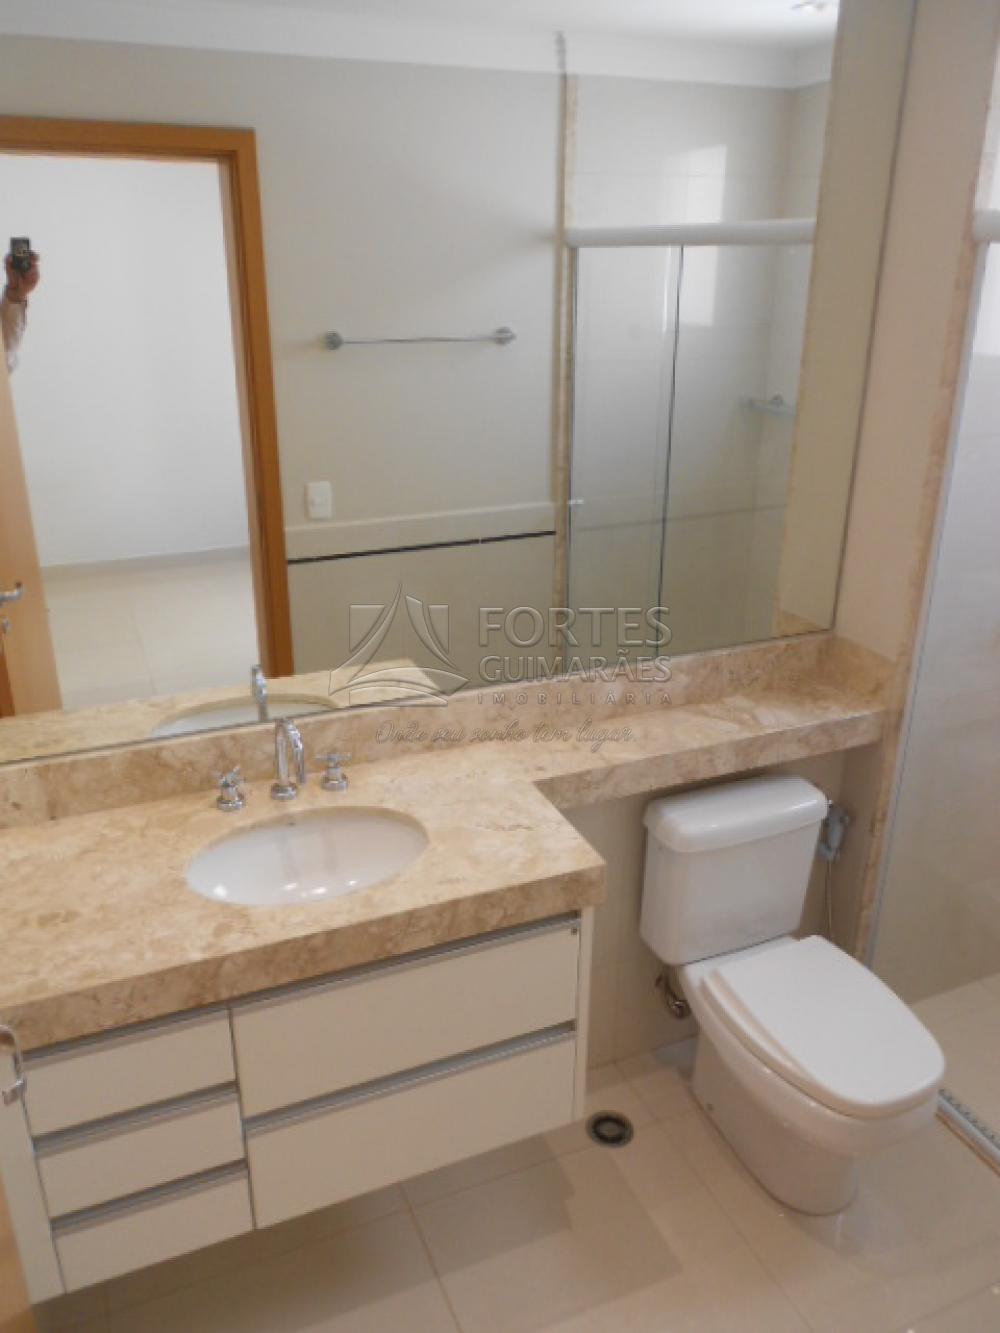 Alugar Apartamentos / Padrão em Ribeirão Preto apenas R$ 8.500,00 - Foto 39